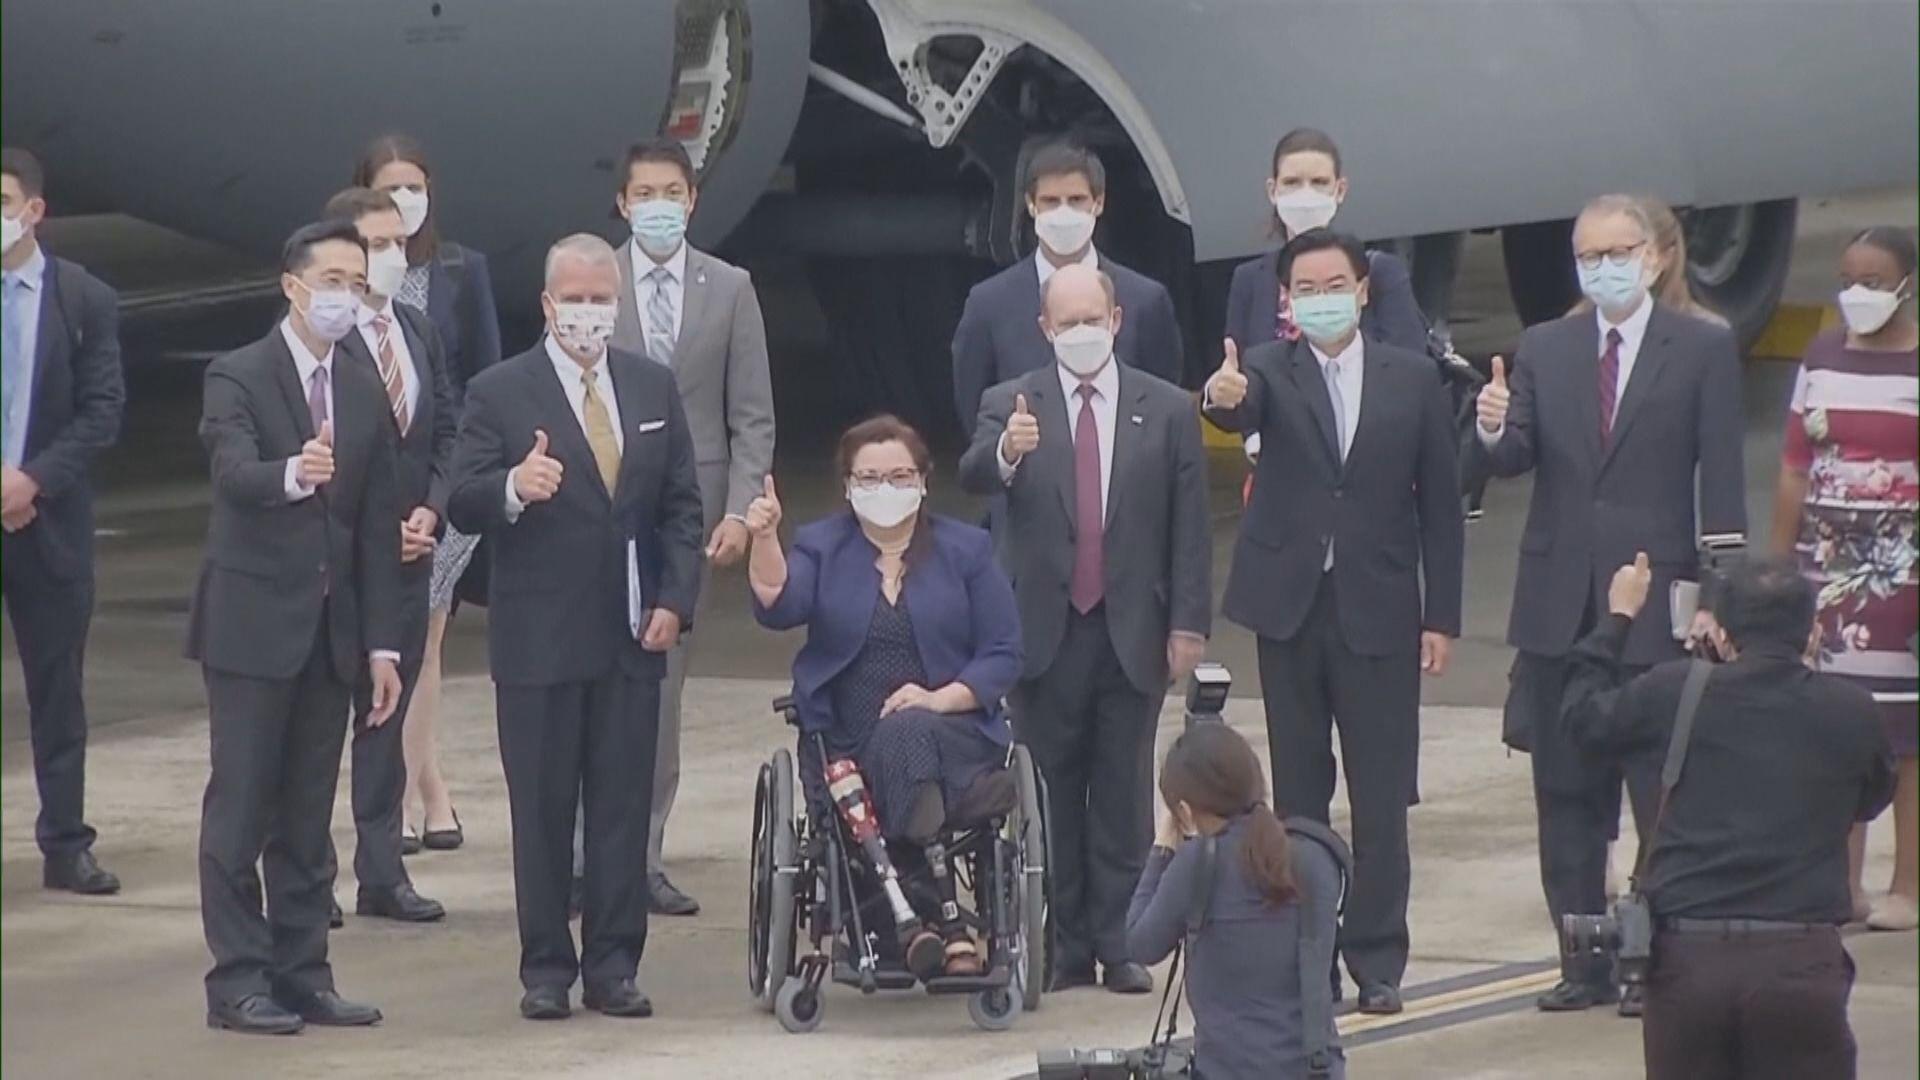 三美國參議員訪台 北京重申反對任何形式美台官方往來